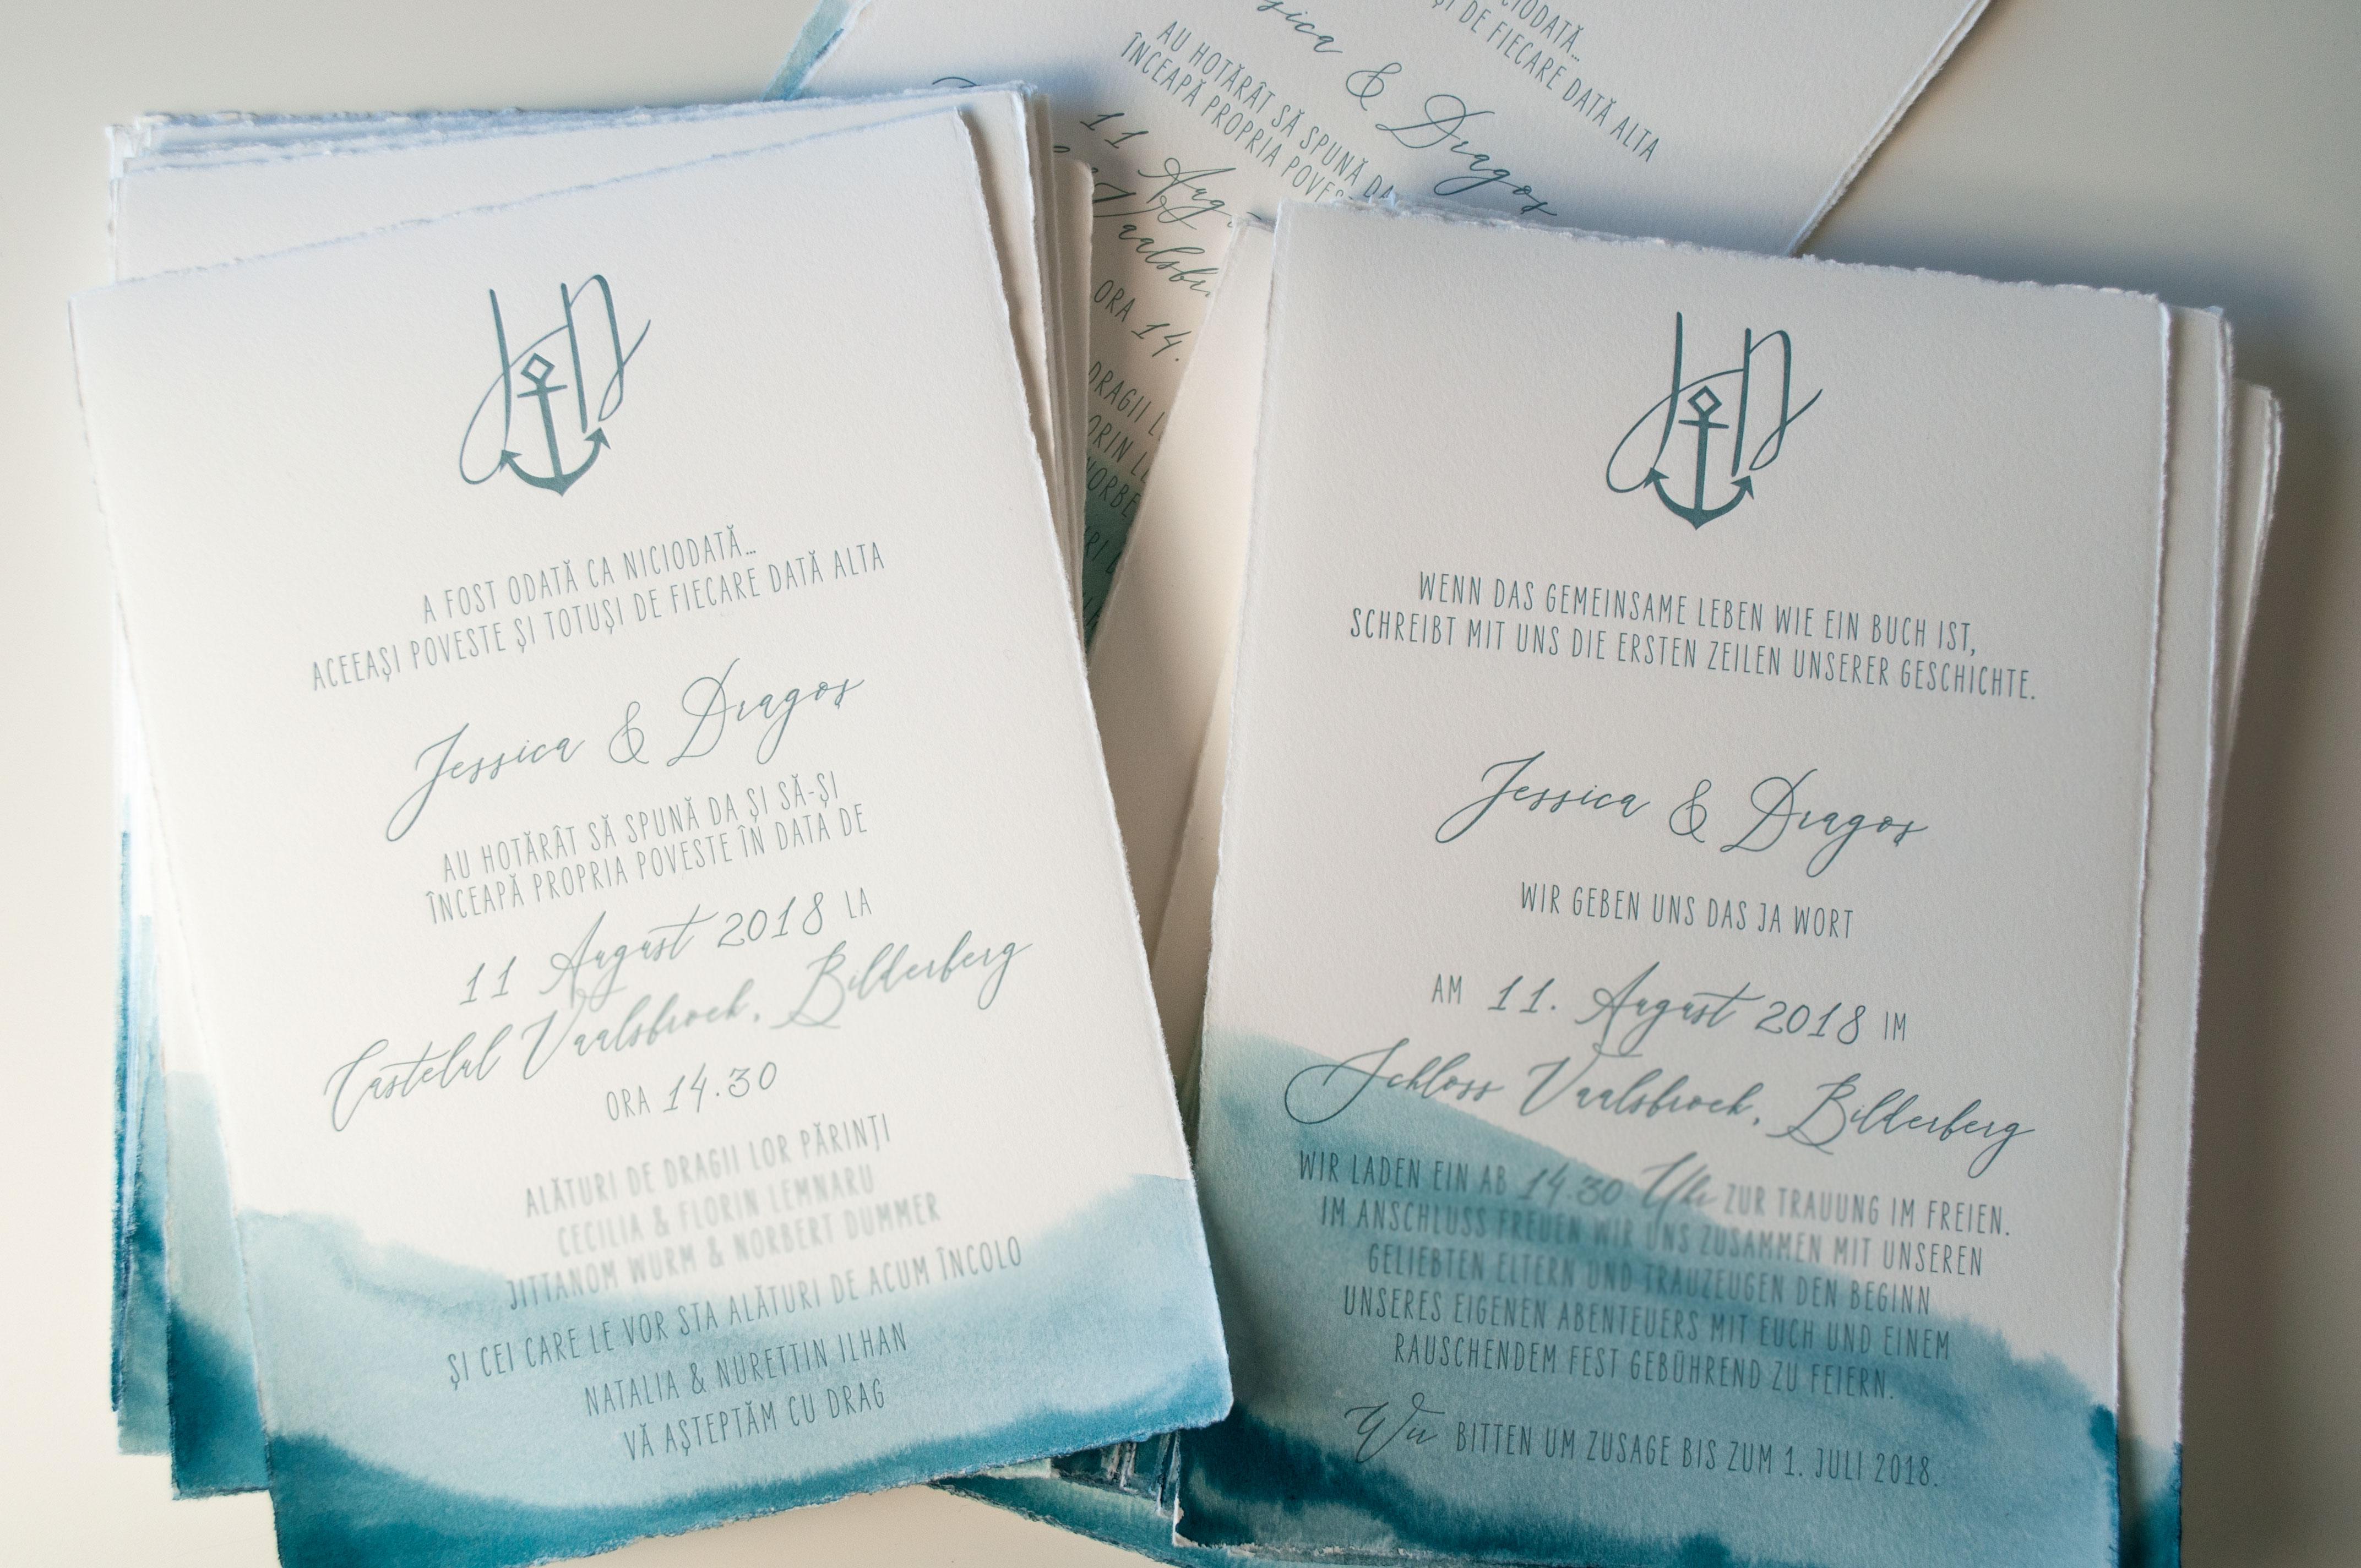 Beyond the Sea Einladung mit Anker und Monogramm, handbemalt mit Aquarell, einzigartige Hochzeitseinladung